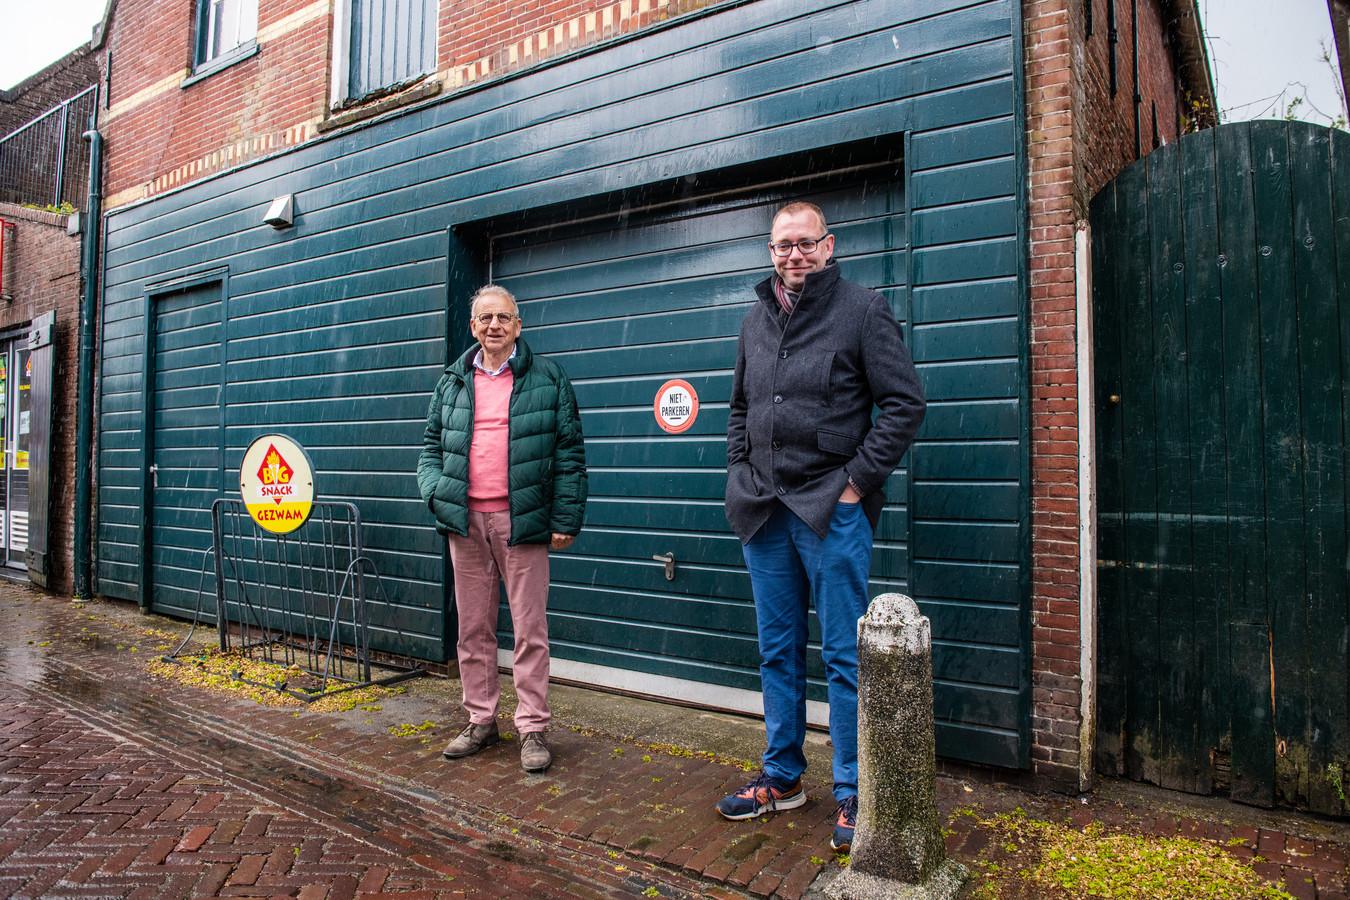 Cees Langeveld (links) en Simon Oosterbeek bij de 'Beulengrot' in Zwammerdam.